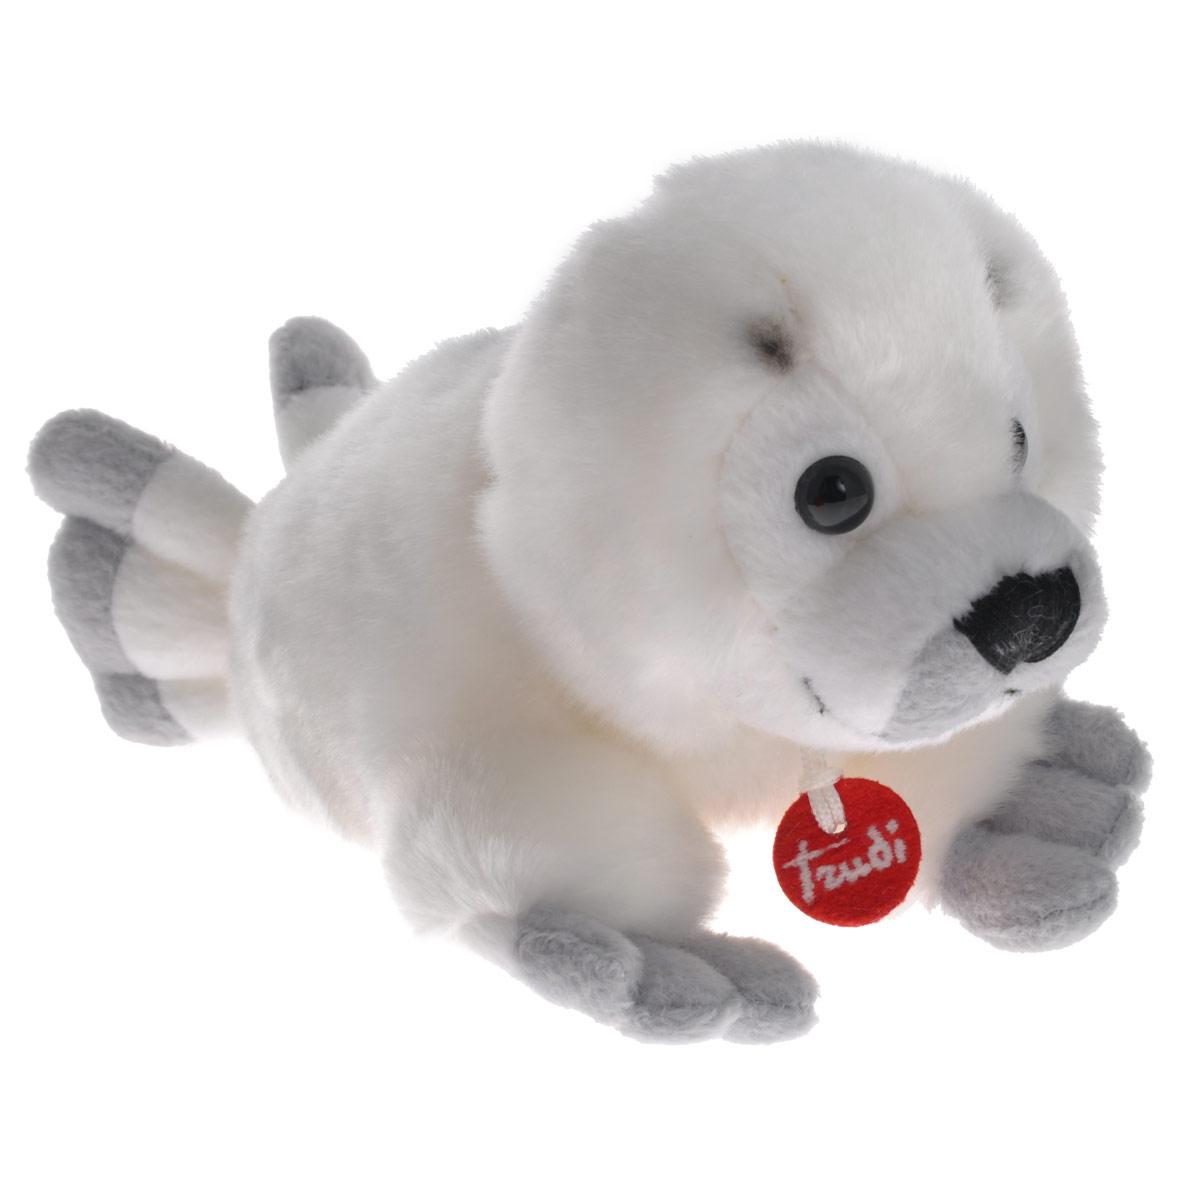 Мягкая игрушка Белый тюлень, цвет: белый, 10 см52189Очаровательная мягкая игрушка Белый тюлень вызовет умиление и улыбку у каждого, кто ее увидит. Игрушка выполнена в виде белоснежного тюленя с милой мордочкой, ясными глазками и смешными лапками. Она изготовлена из высококачественного, гипоаллергенного материала, не вызывающего раздражения на коже. Такая игрушка станет замечательным подарком, как ребенку, так и взрослому и украсит любой интерьер. Великолепное качество исполнения делают эту игрушку чудесным подарком к любому празднику.